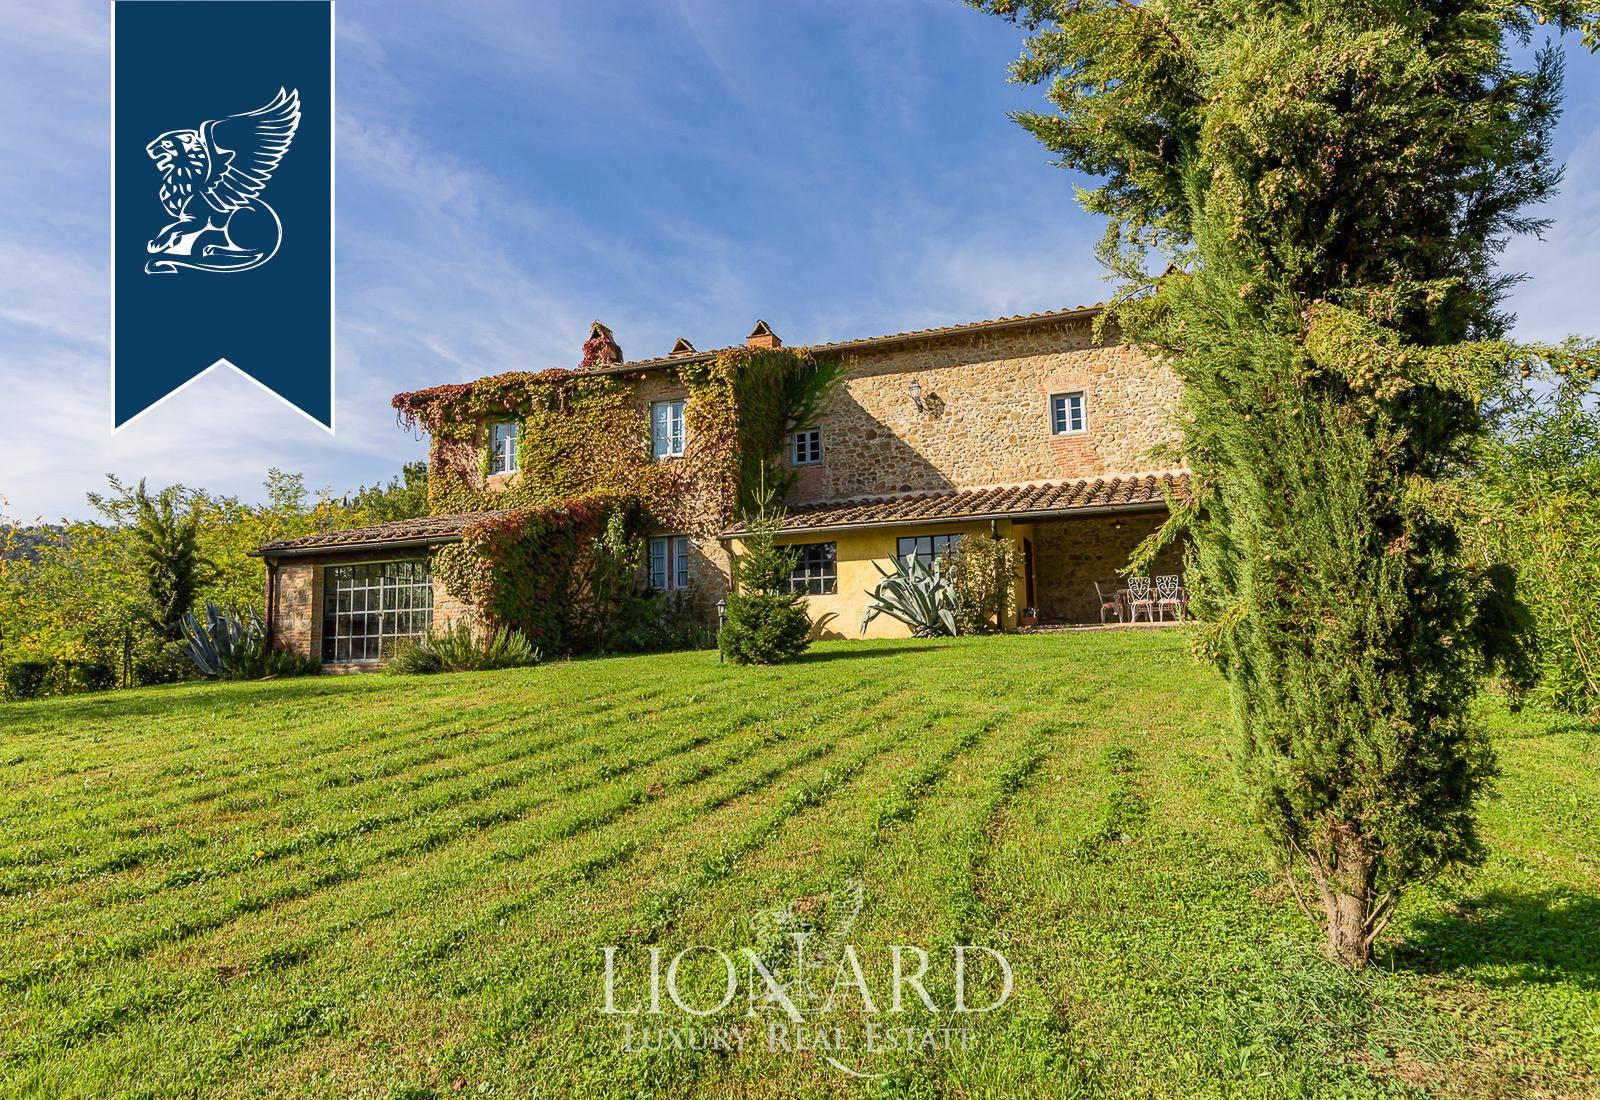 Villa in Vendita a Figline e Incisa Valdarno: 0 locali, 480 mq - Foto 6